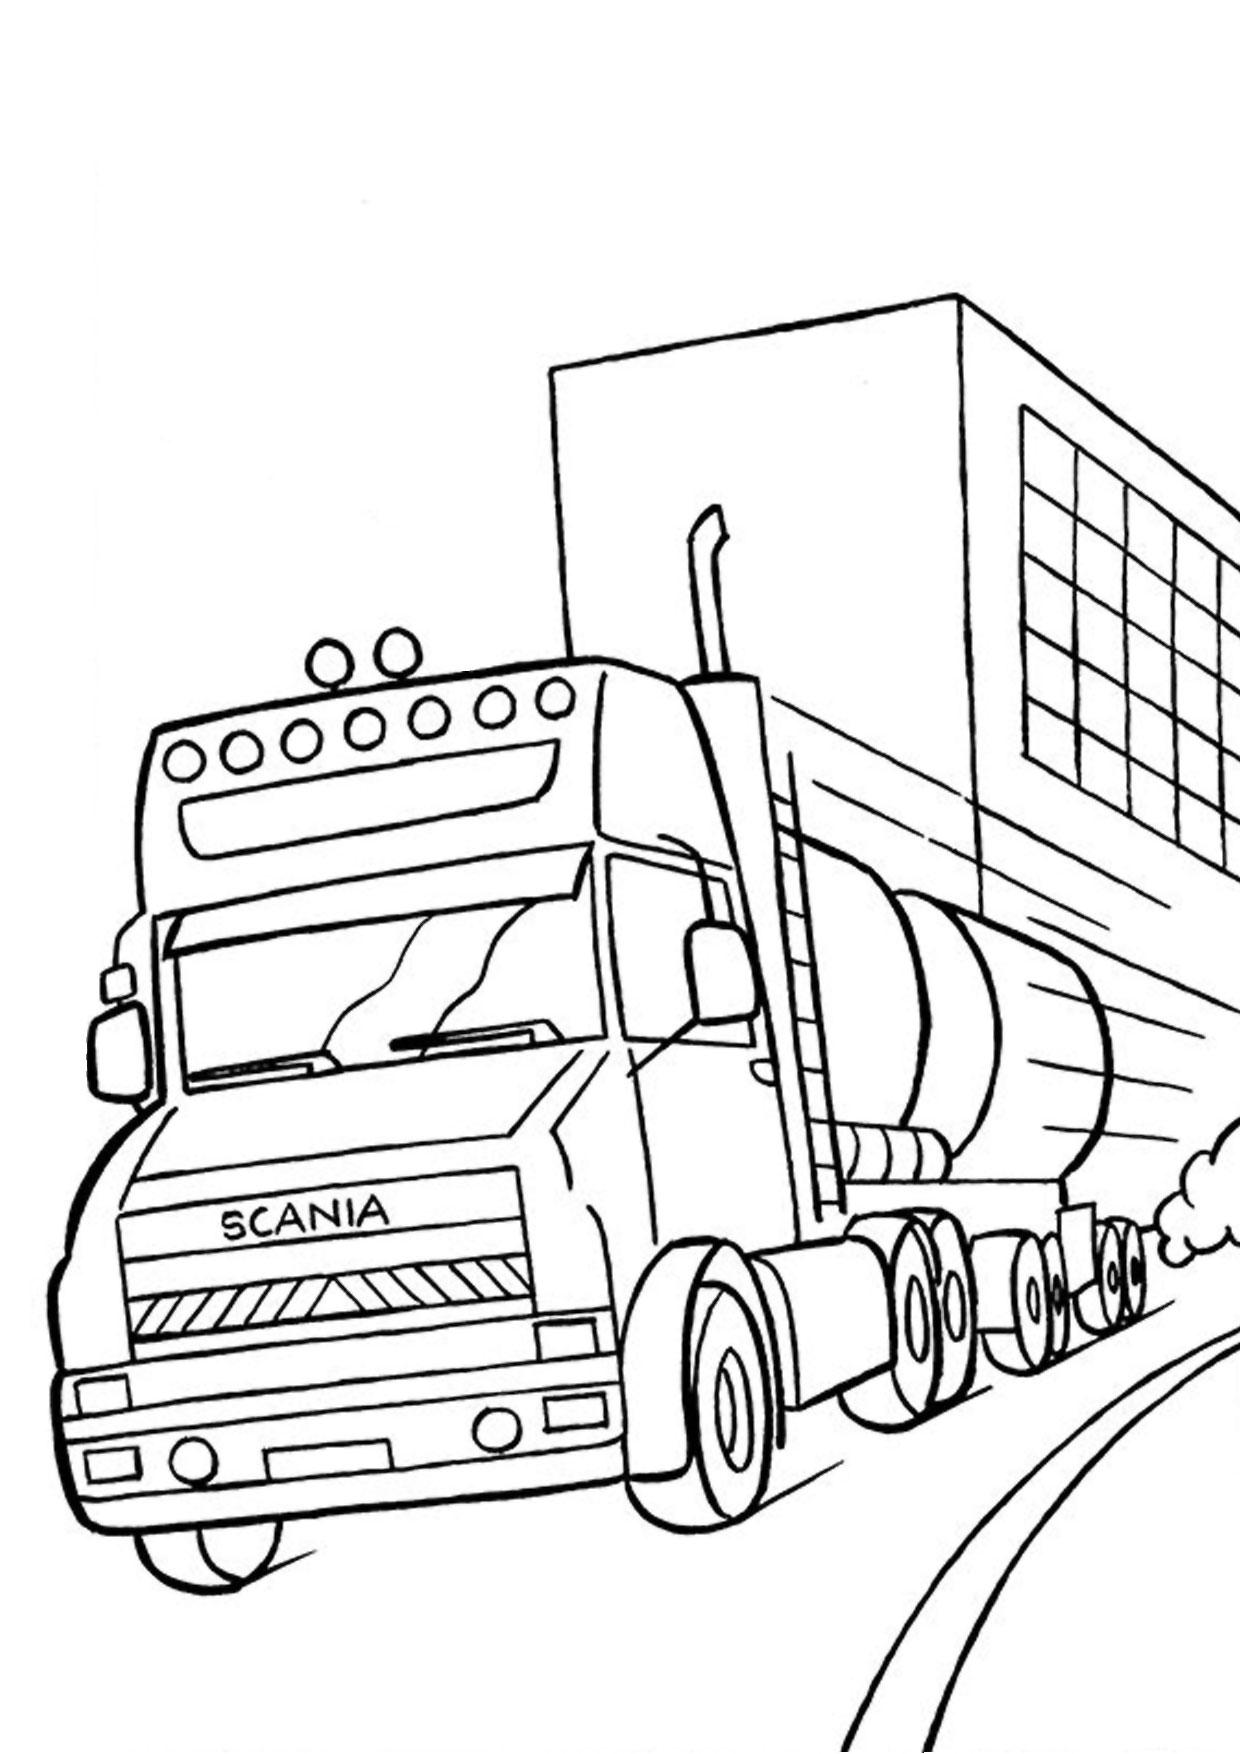 Disegno di camion da colorare 51